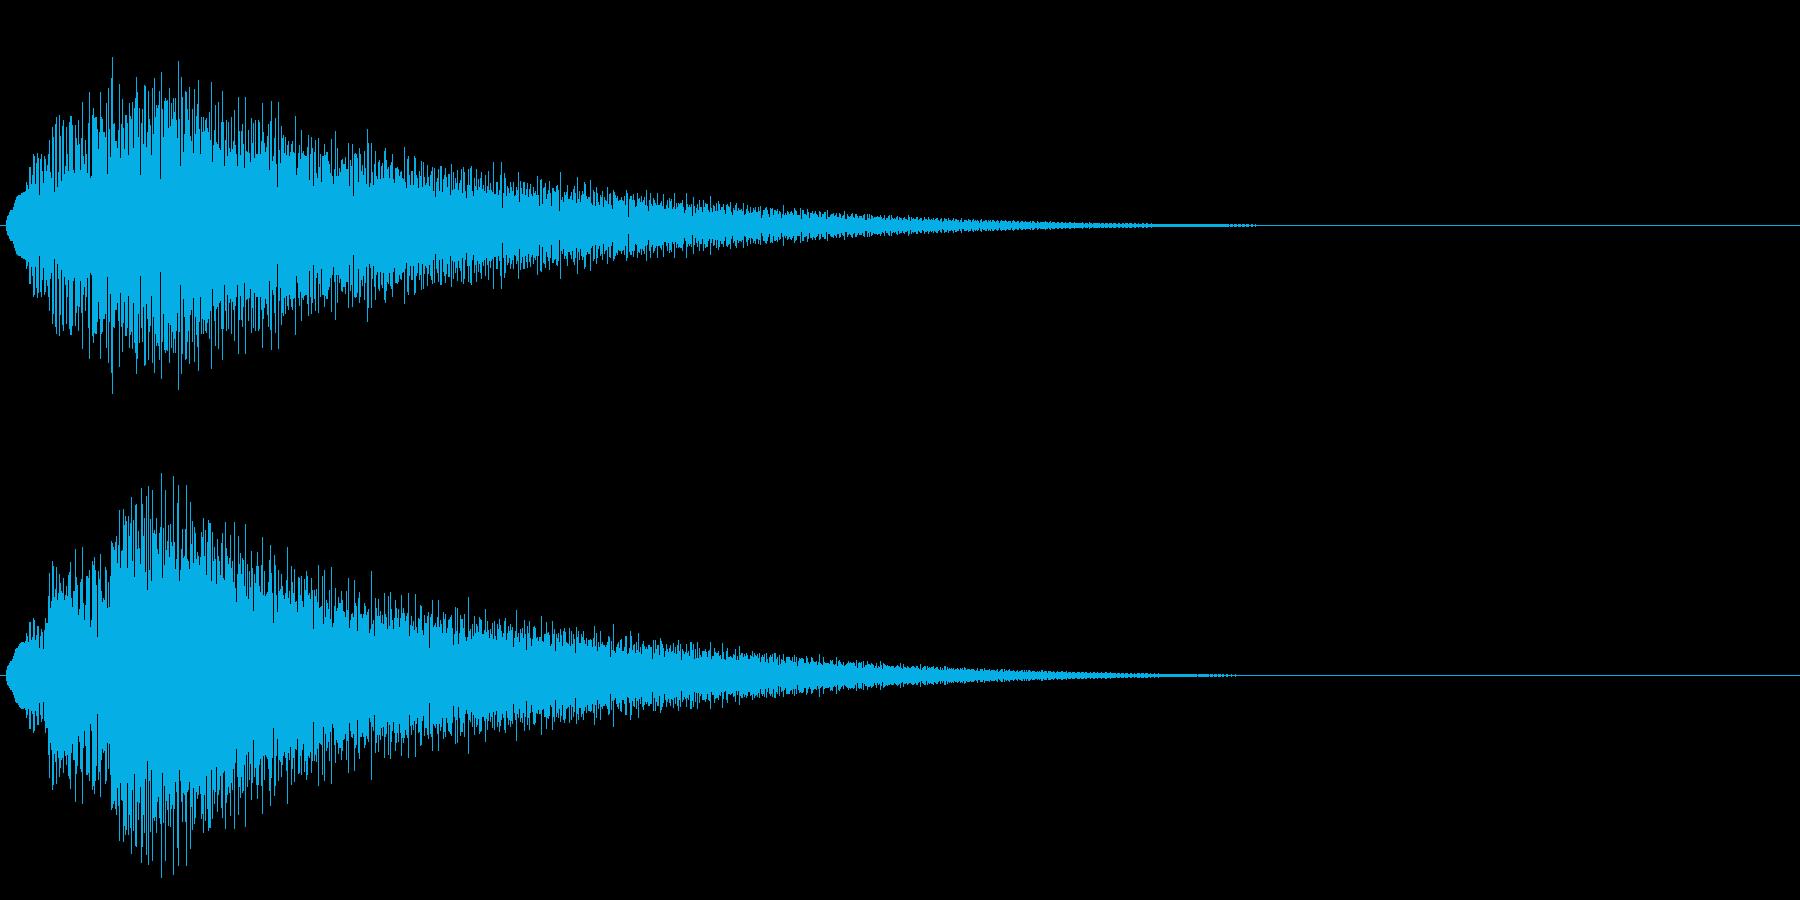 グリッサンド07 ビブラフォン(上昇)の再生済みの波形